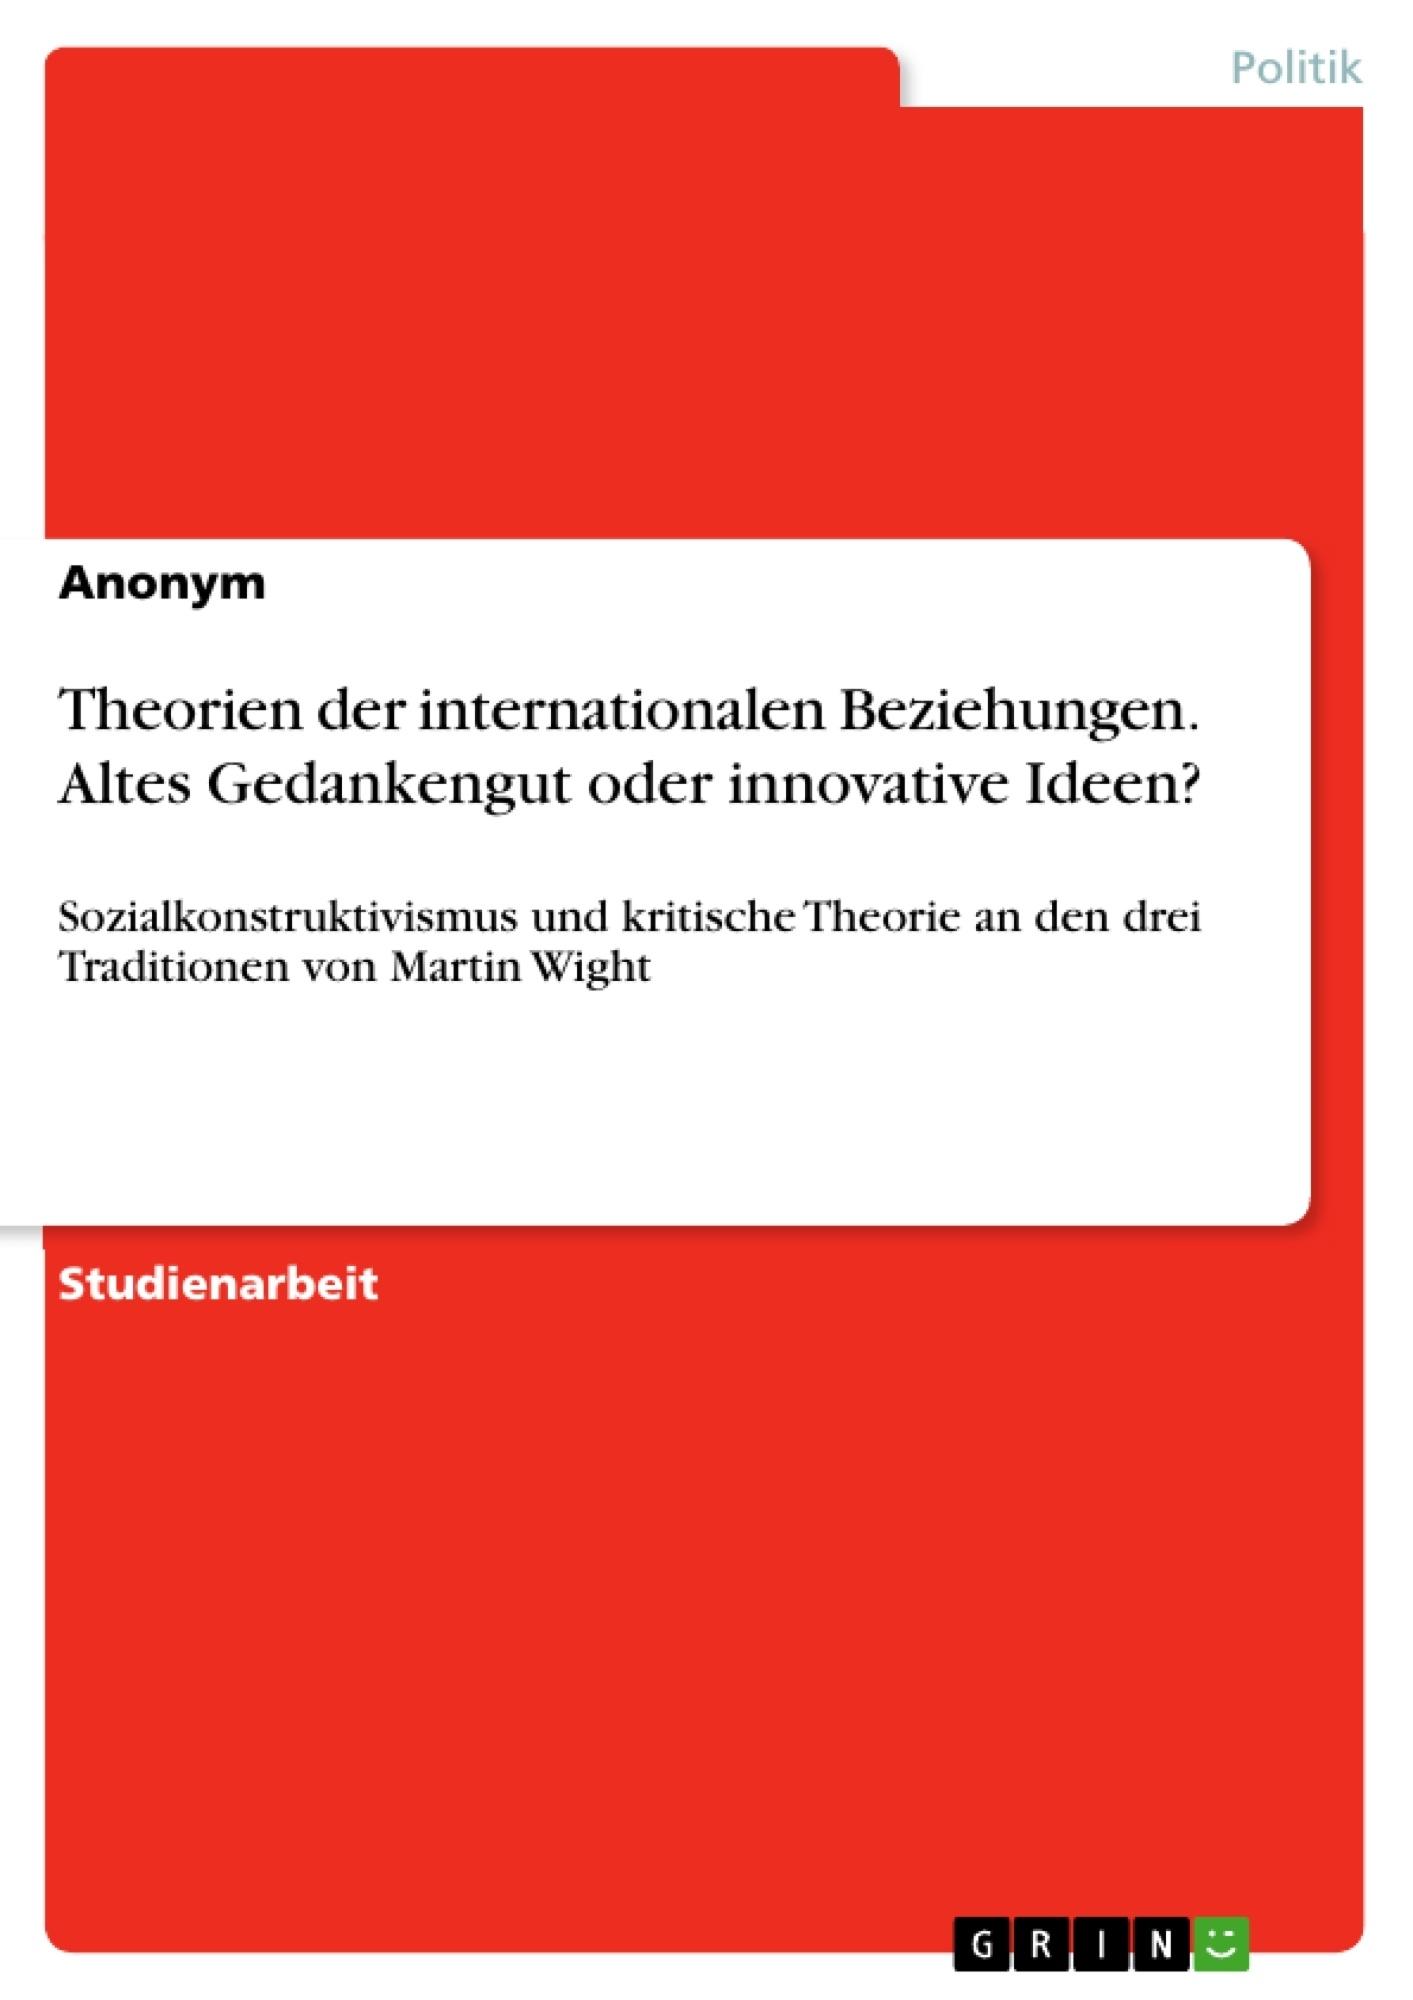 Titel: Theorien der internationalen Beziehungen. Altes Gedankengut oder innovative Ideen?